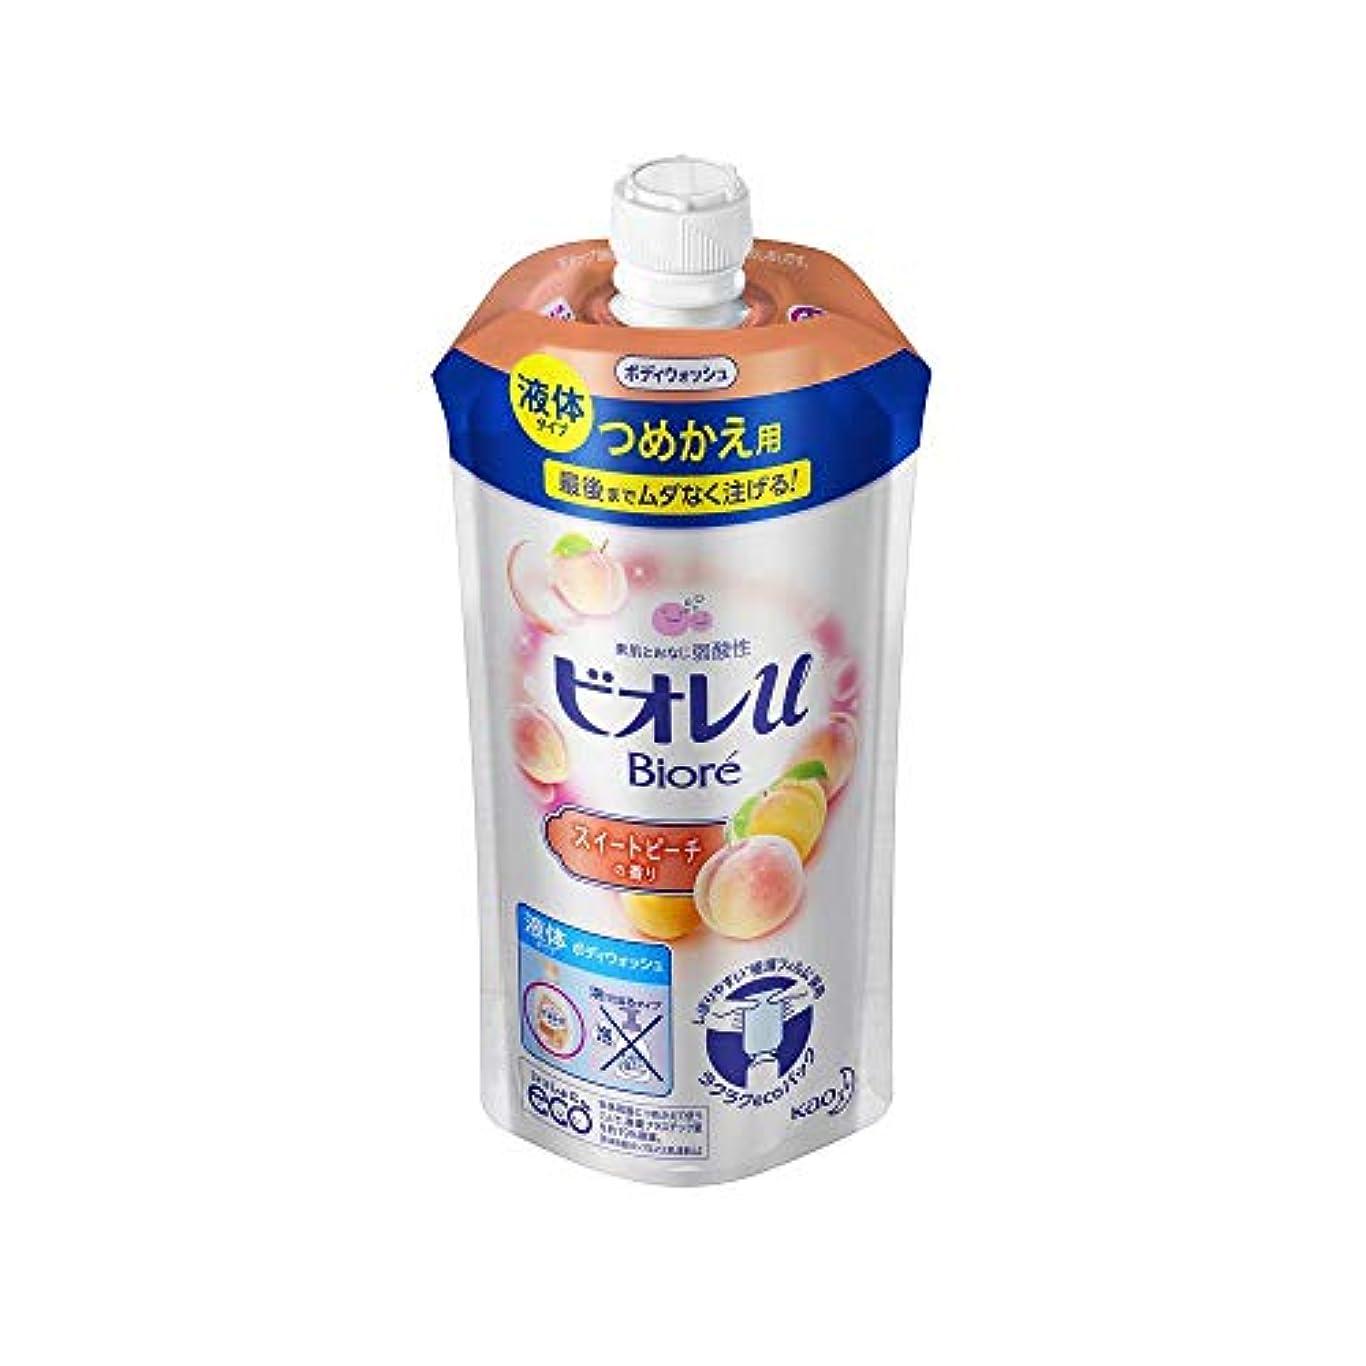 花王 ビオレu スイートピーチの香りつめかえ用 340ML